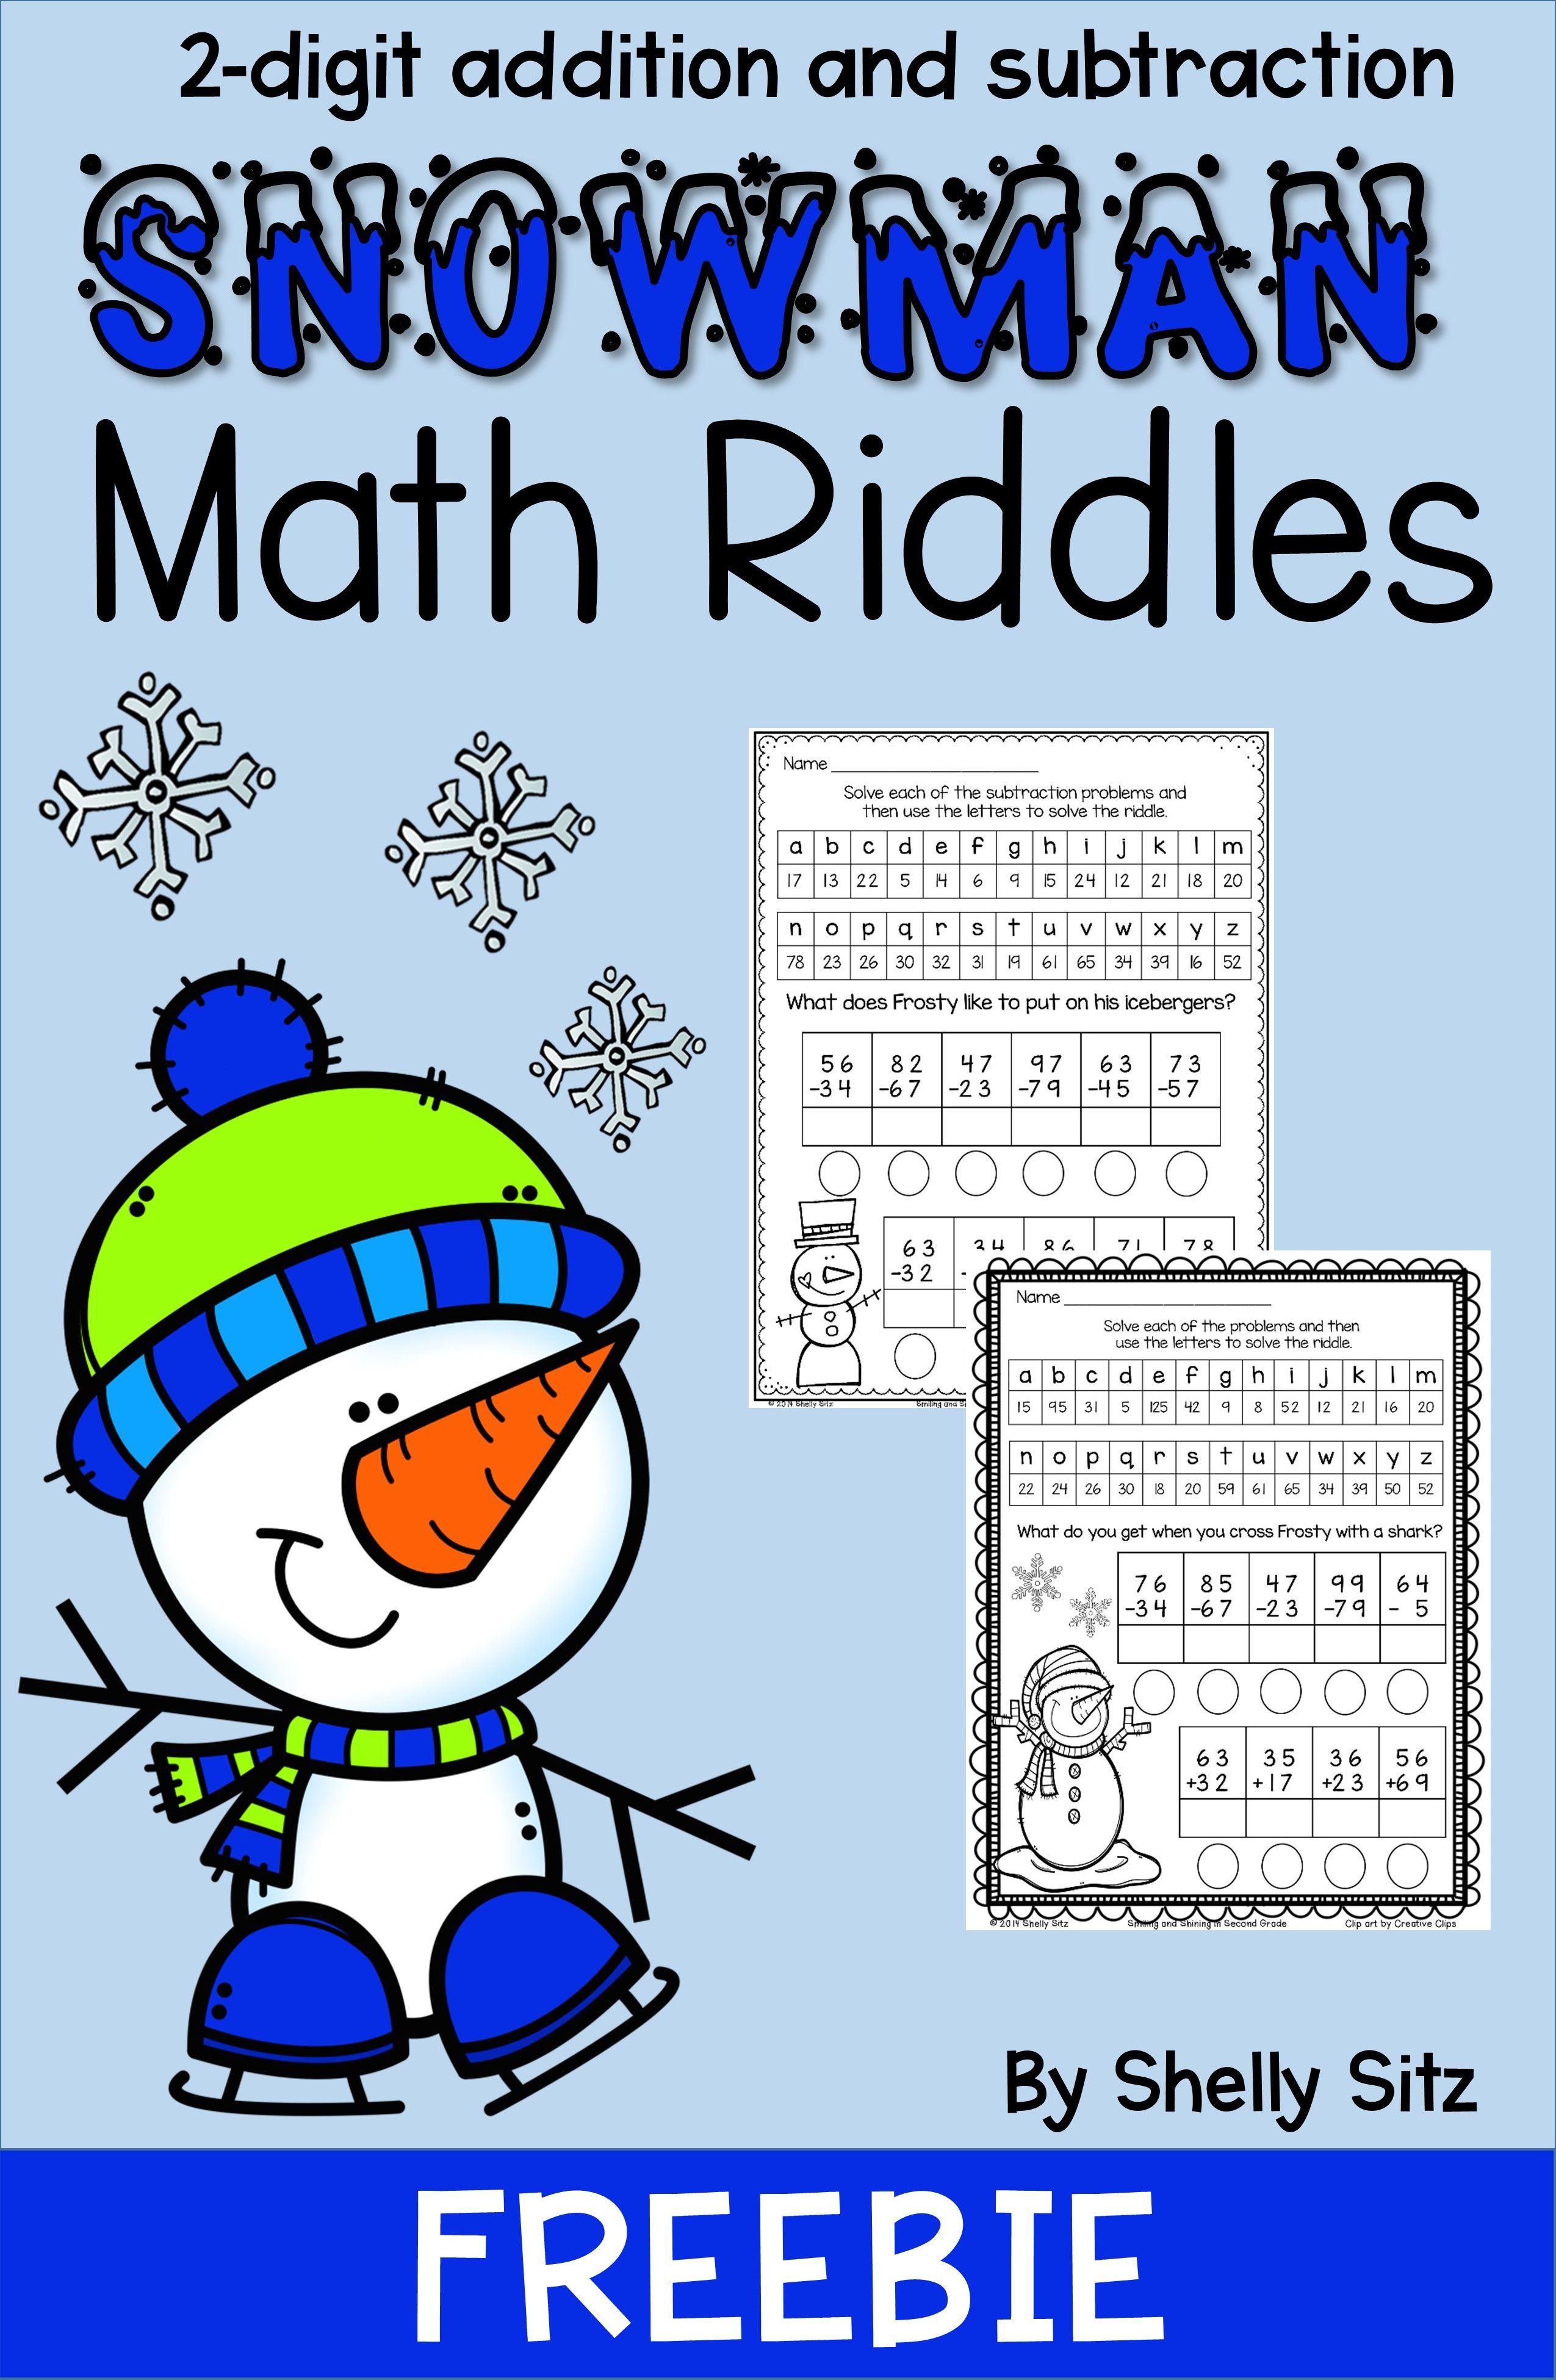 Snowman Math Riddles Math Riddles Snowmen Math Winter Math Activities [ 3900 x 2550 Pixel ]